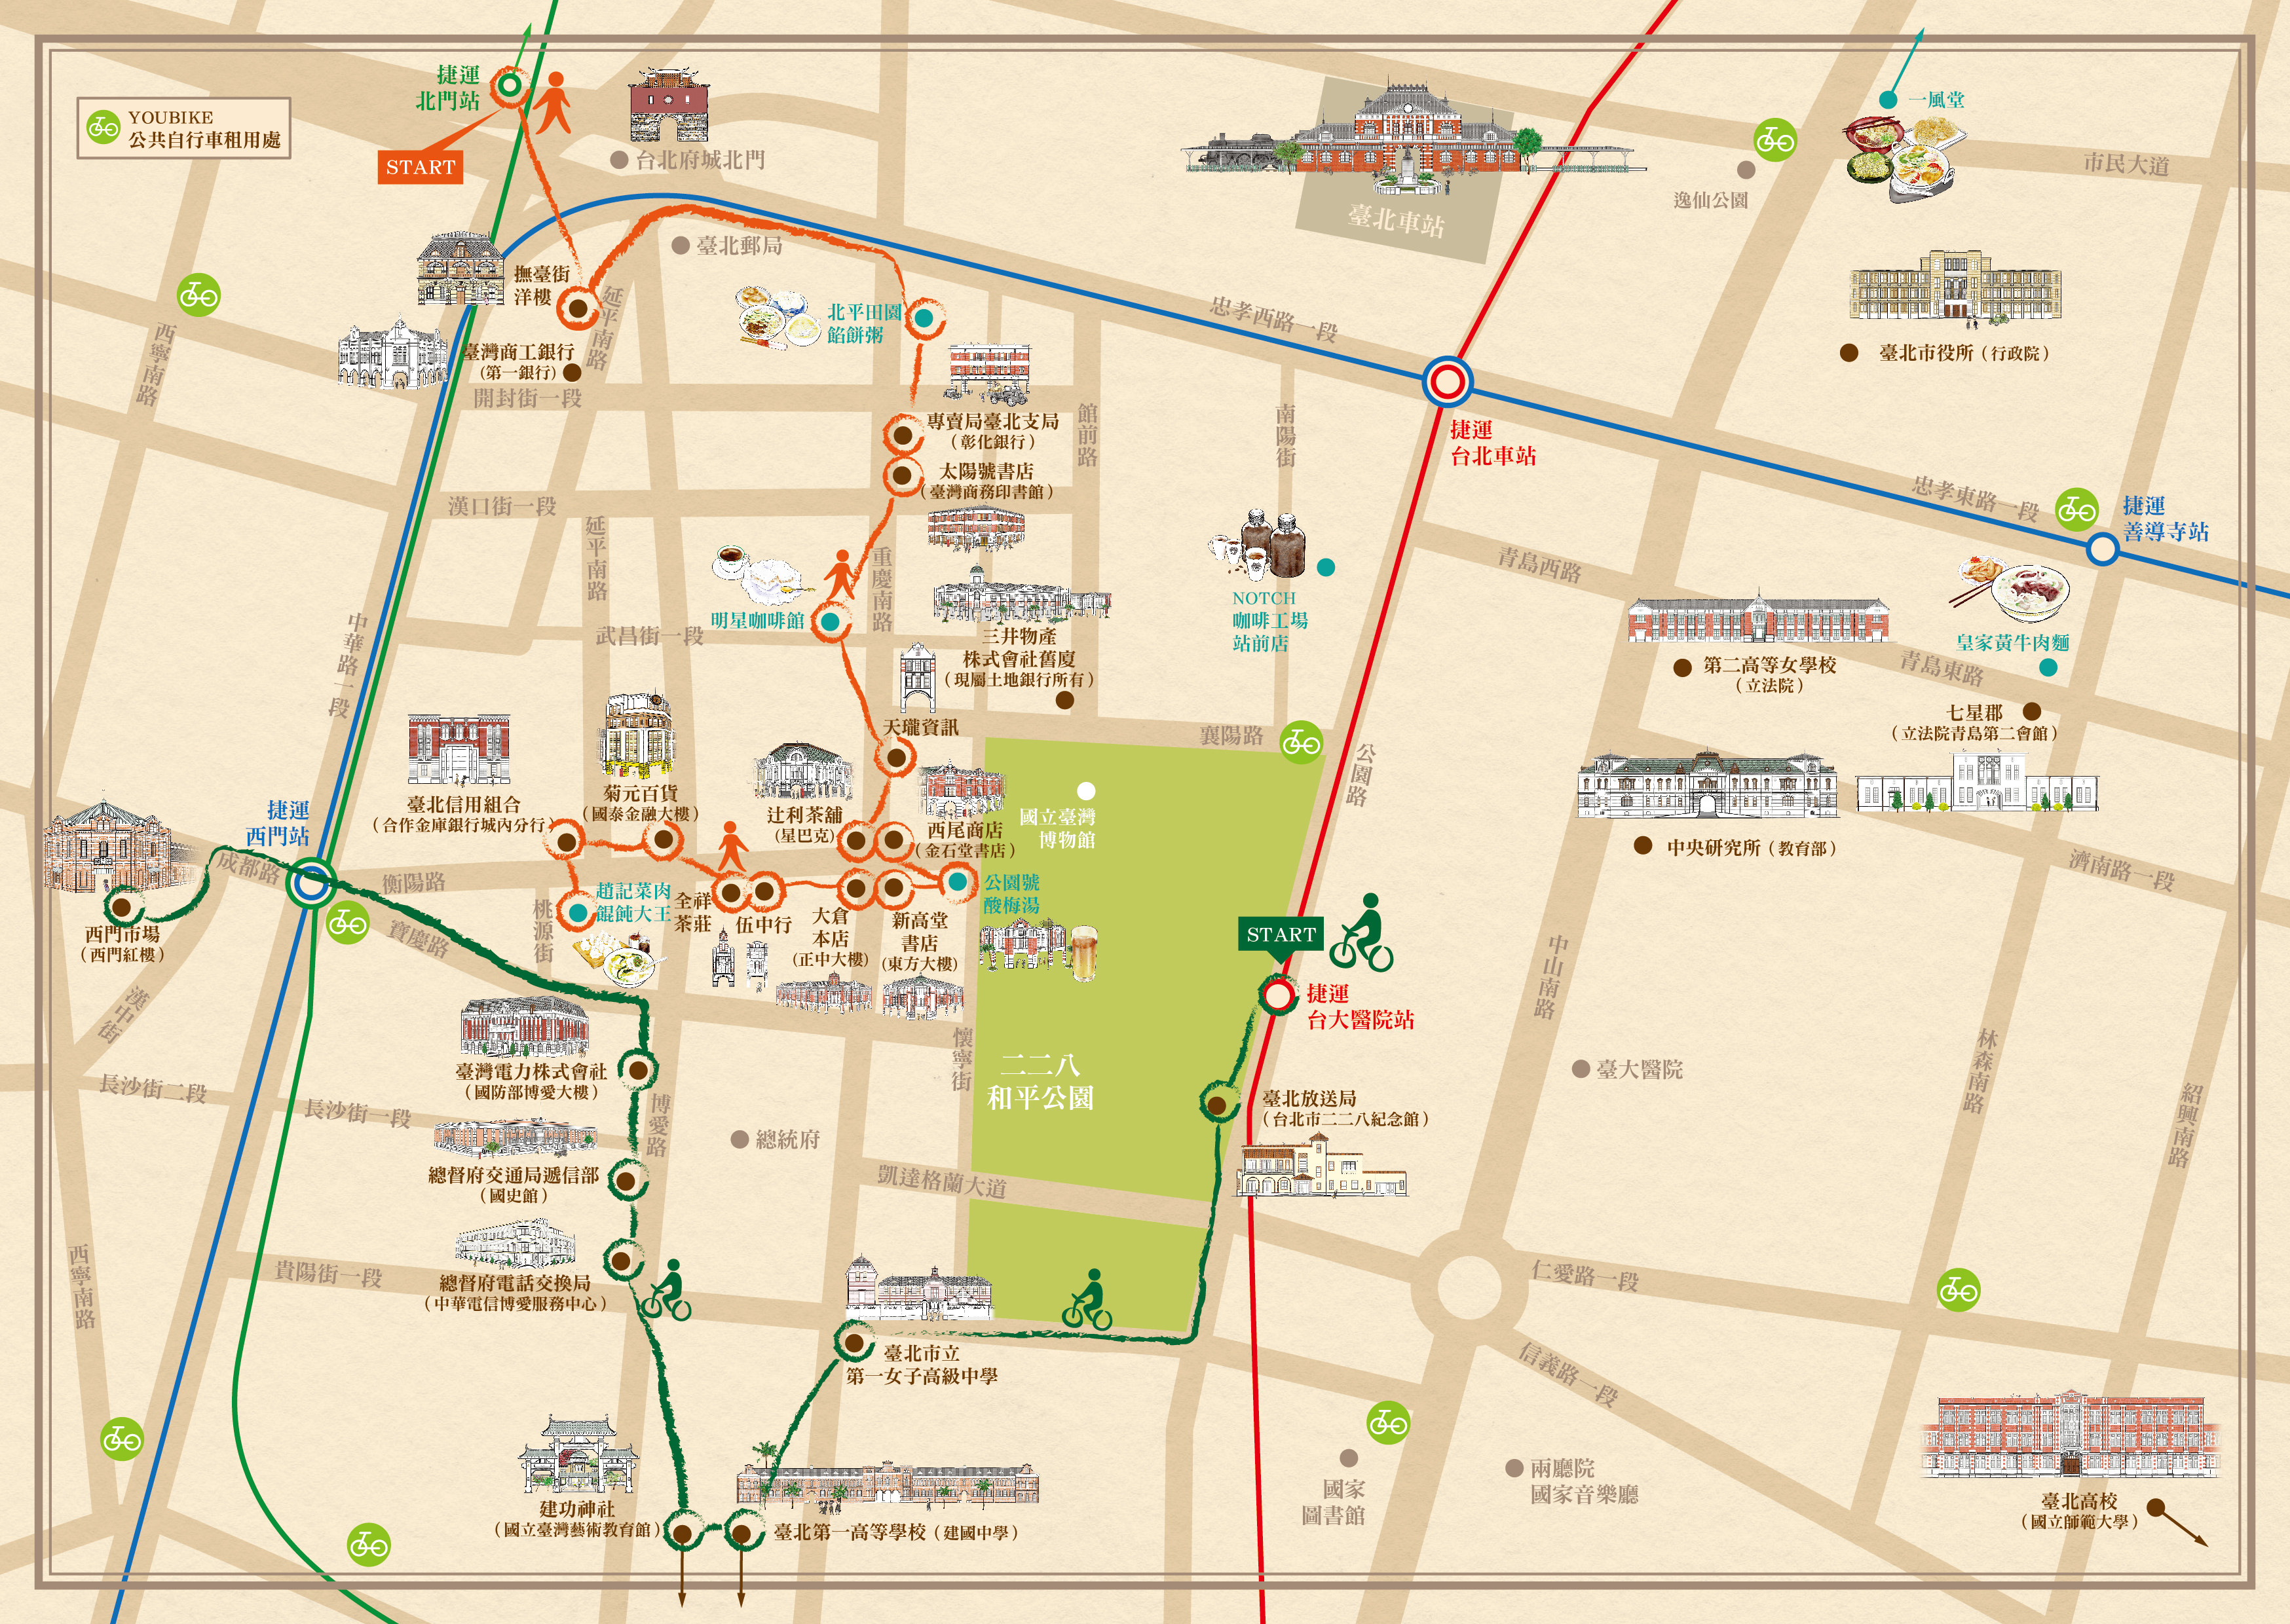 ▲日本时代手绘风欧风街景拉页图、小旅行建议路线图.(图/天下文化图片